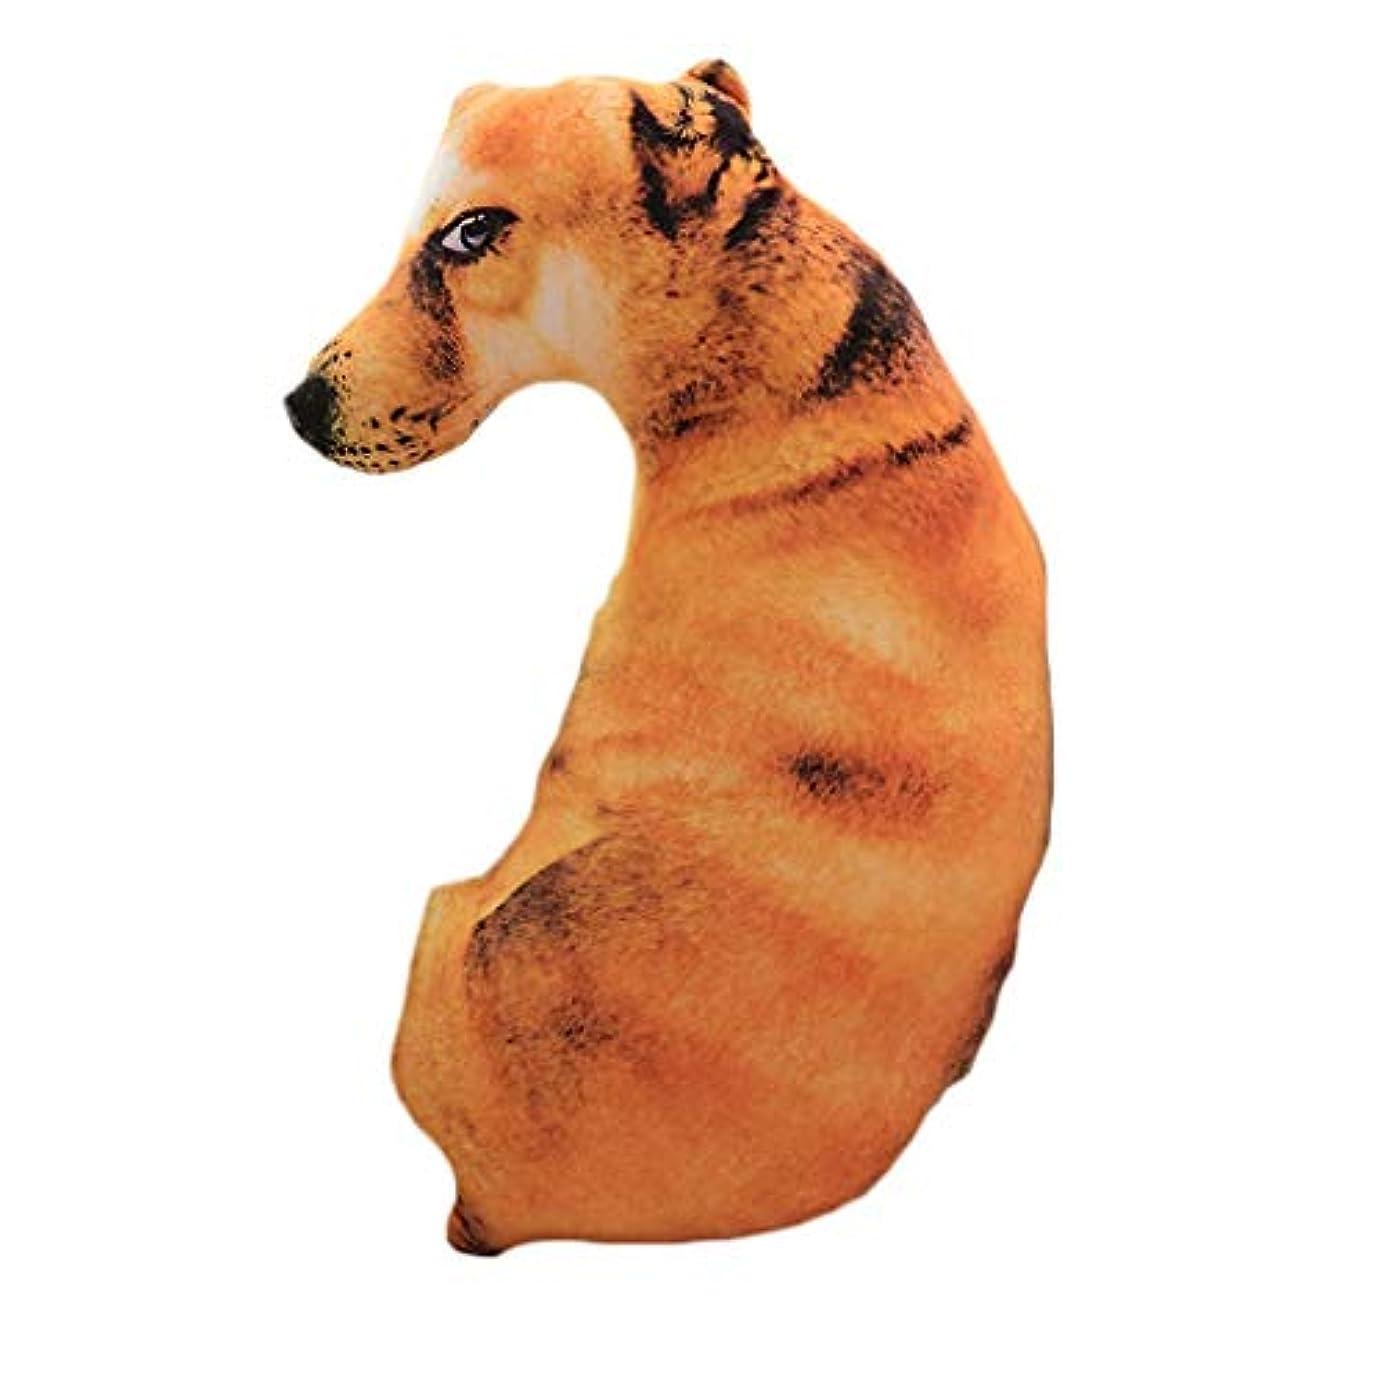 持参美容師鉛筆LIFE 装飾クッションソファおかしい 3D 犬印刷スロー枕創造クッションかわいいぬいぐるみギフト家の装飾 coussin decoratif クッション 椅子